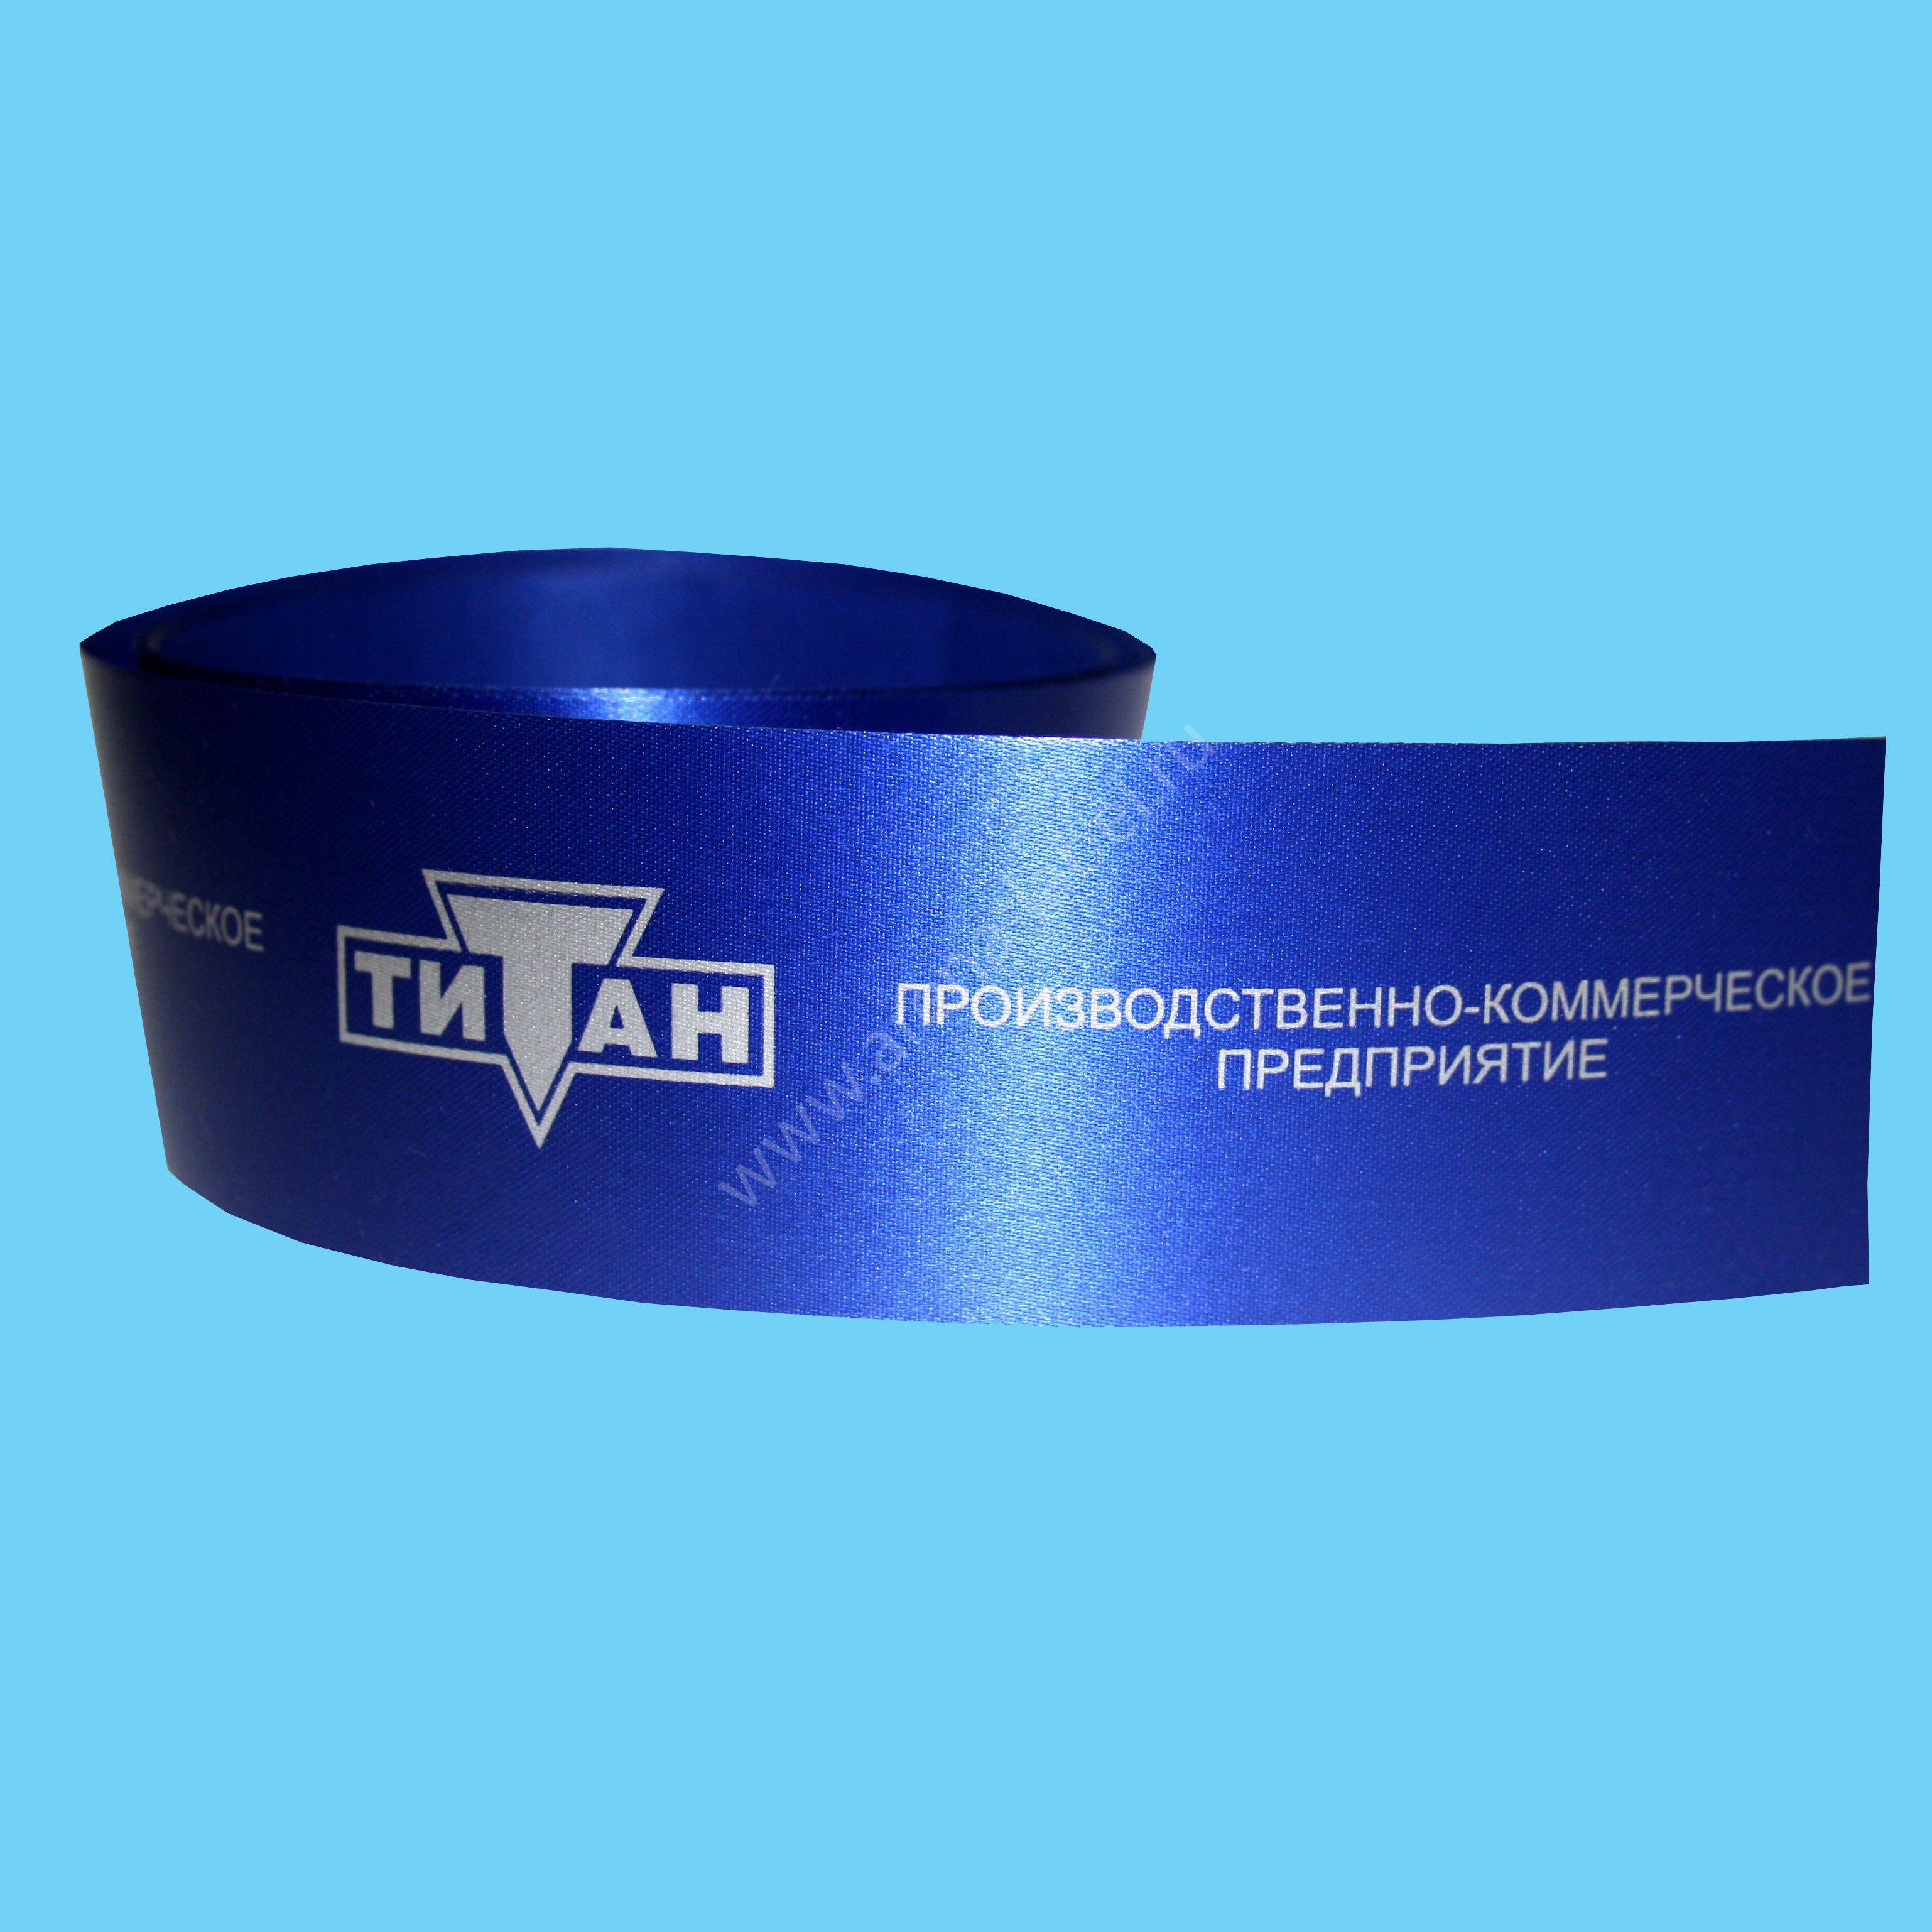 Ленты с логотипом – цветной сатин, логотип – матовое серебро